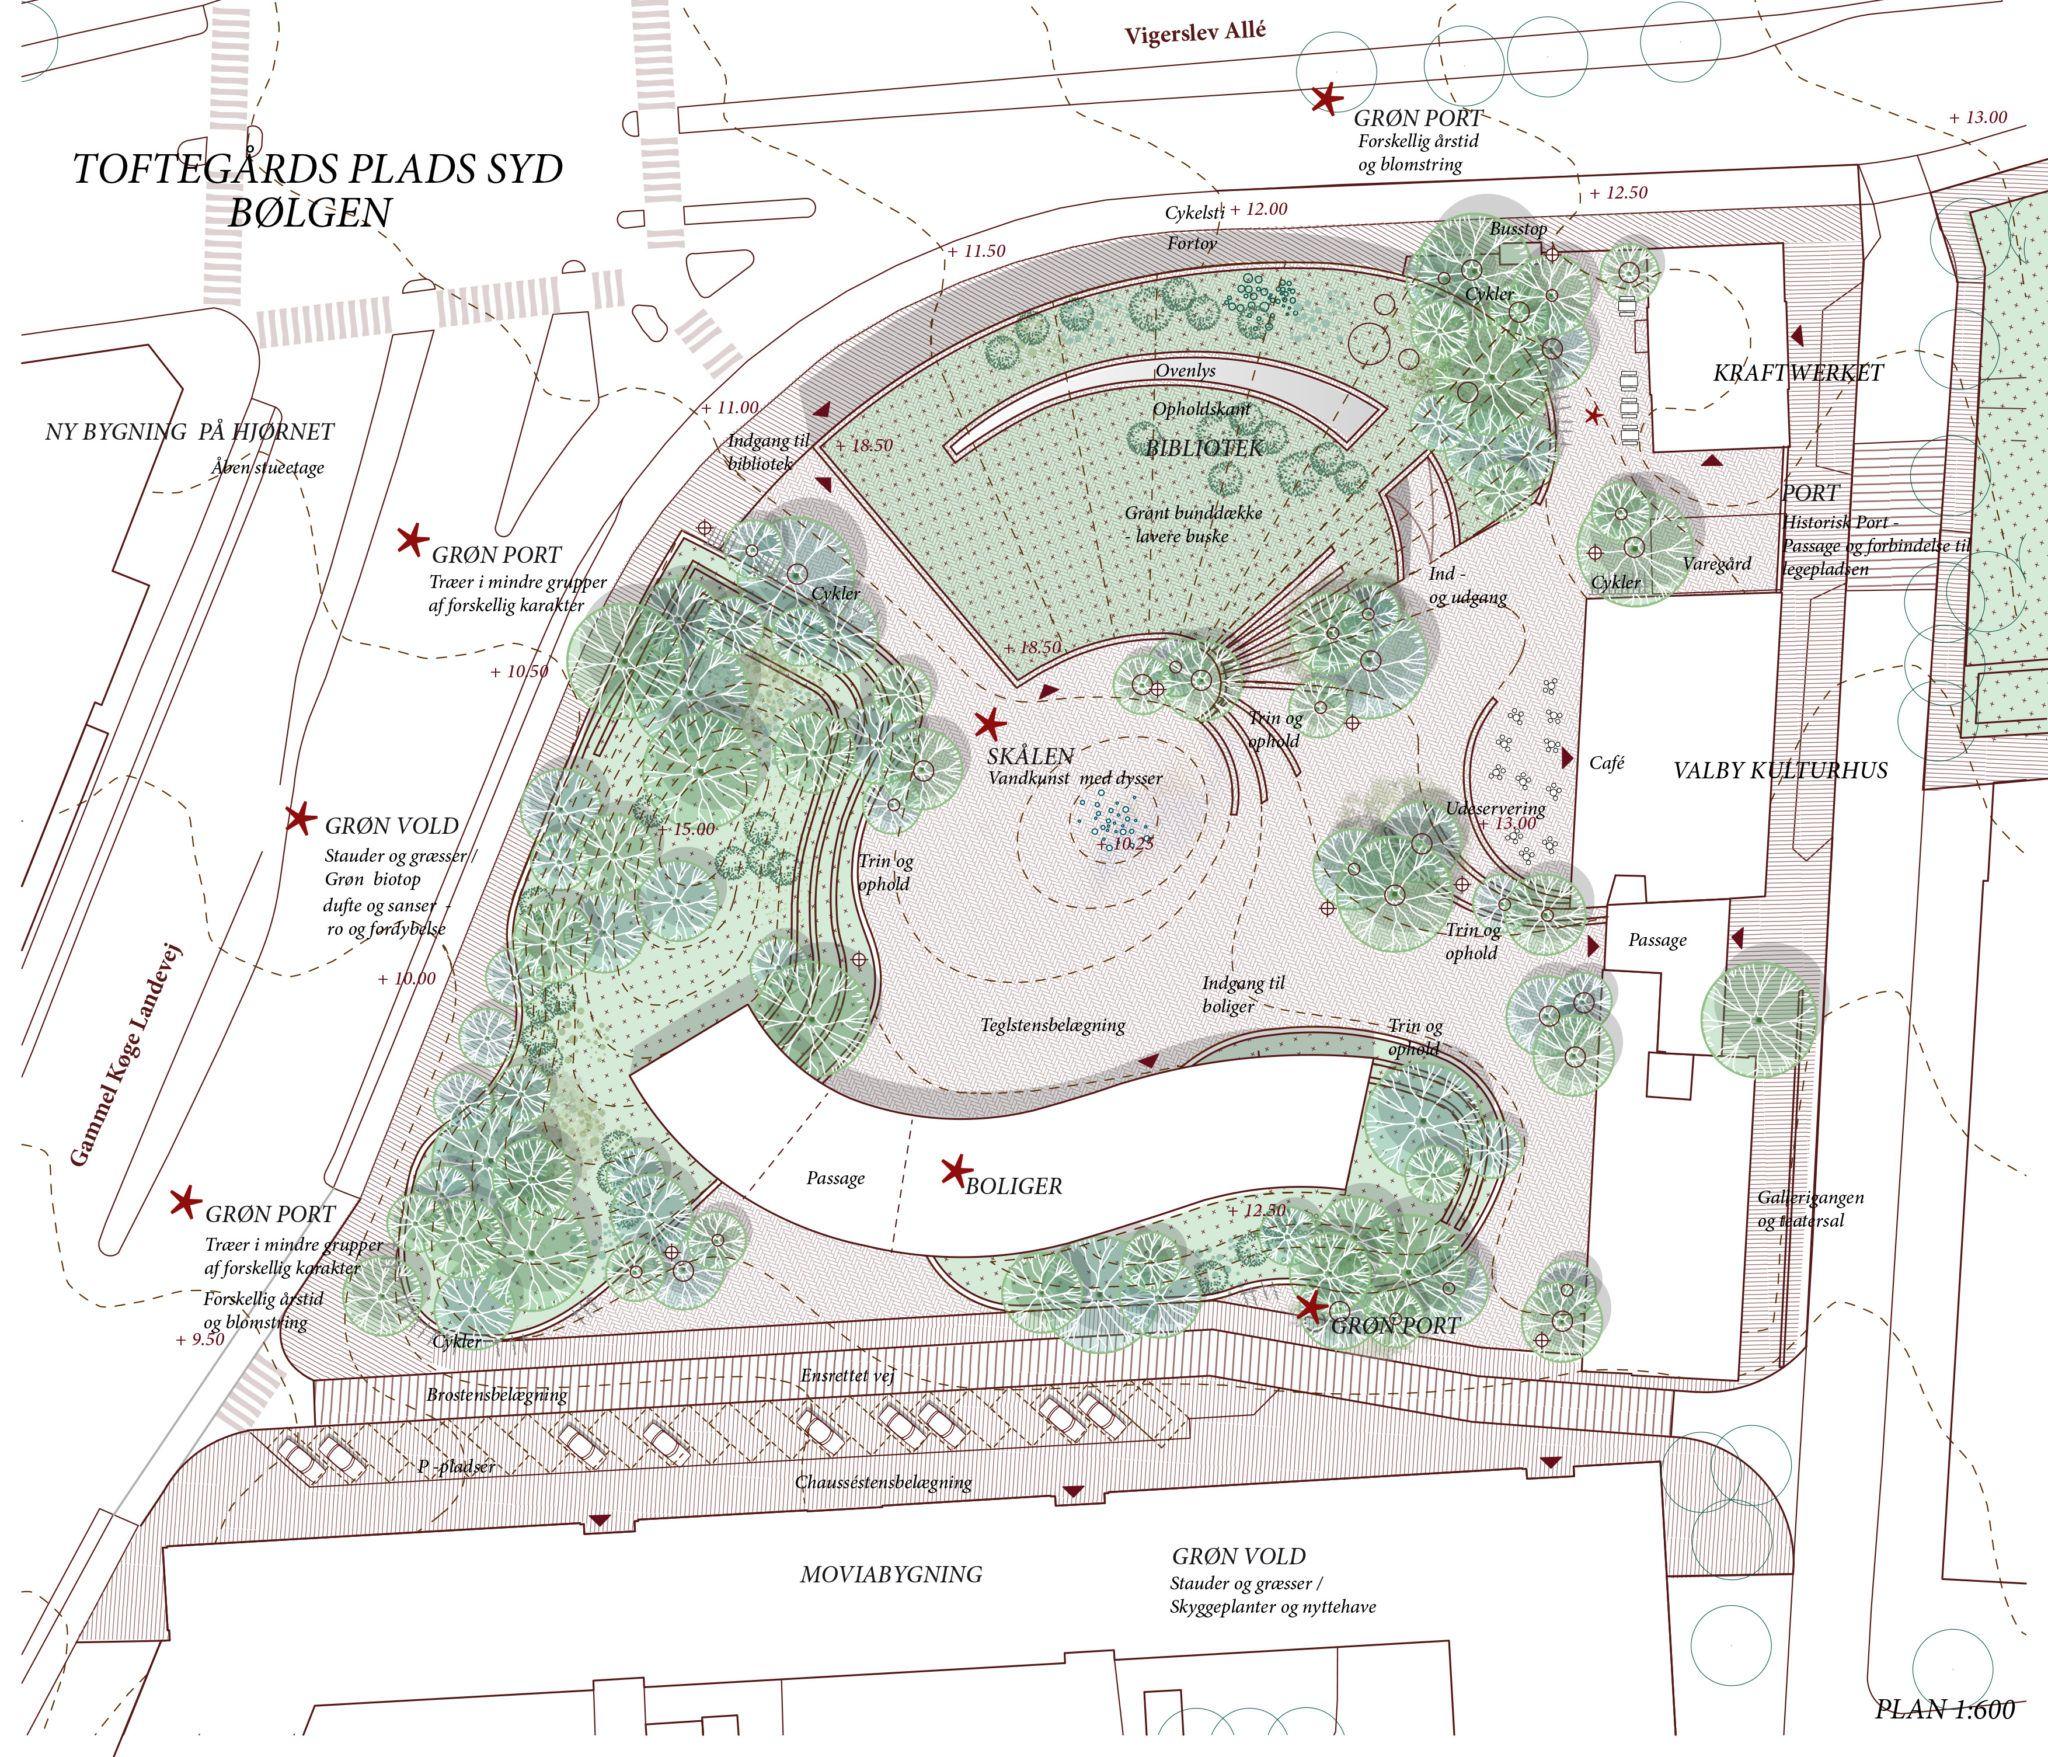 Toftegårds Plads Syd visualisering